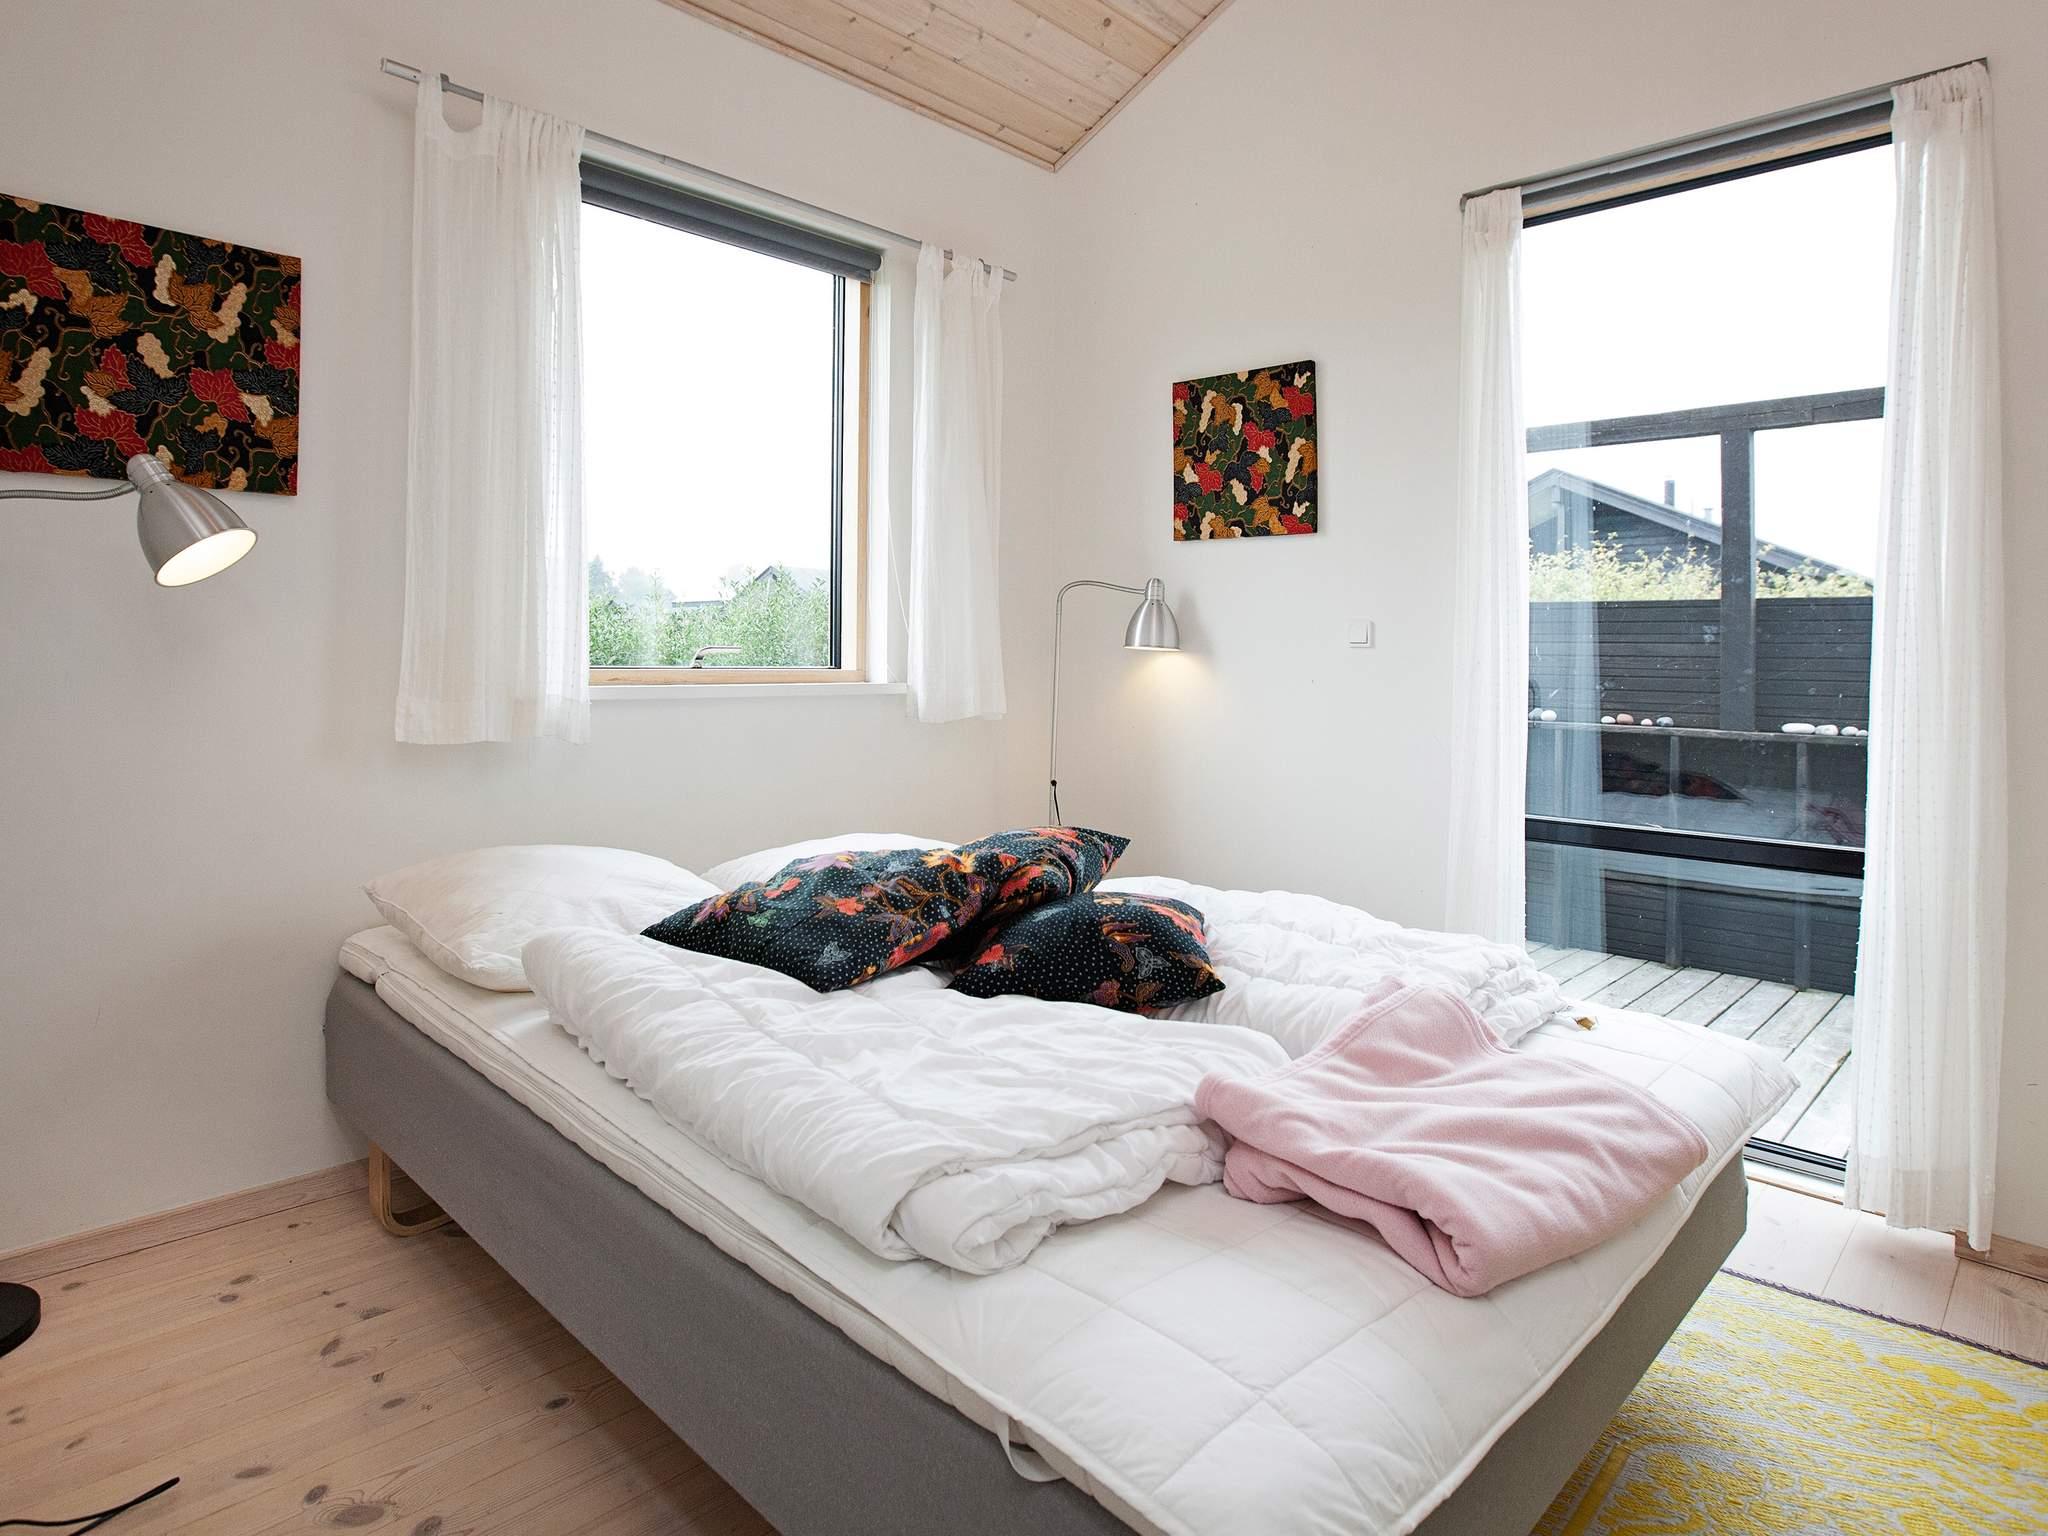 Ferienhaus Ulvshale (216908), Stege, , Møn, Dänemark, Bild 9